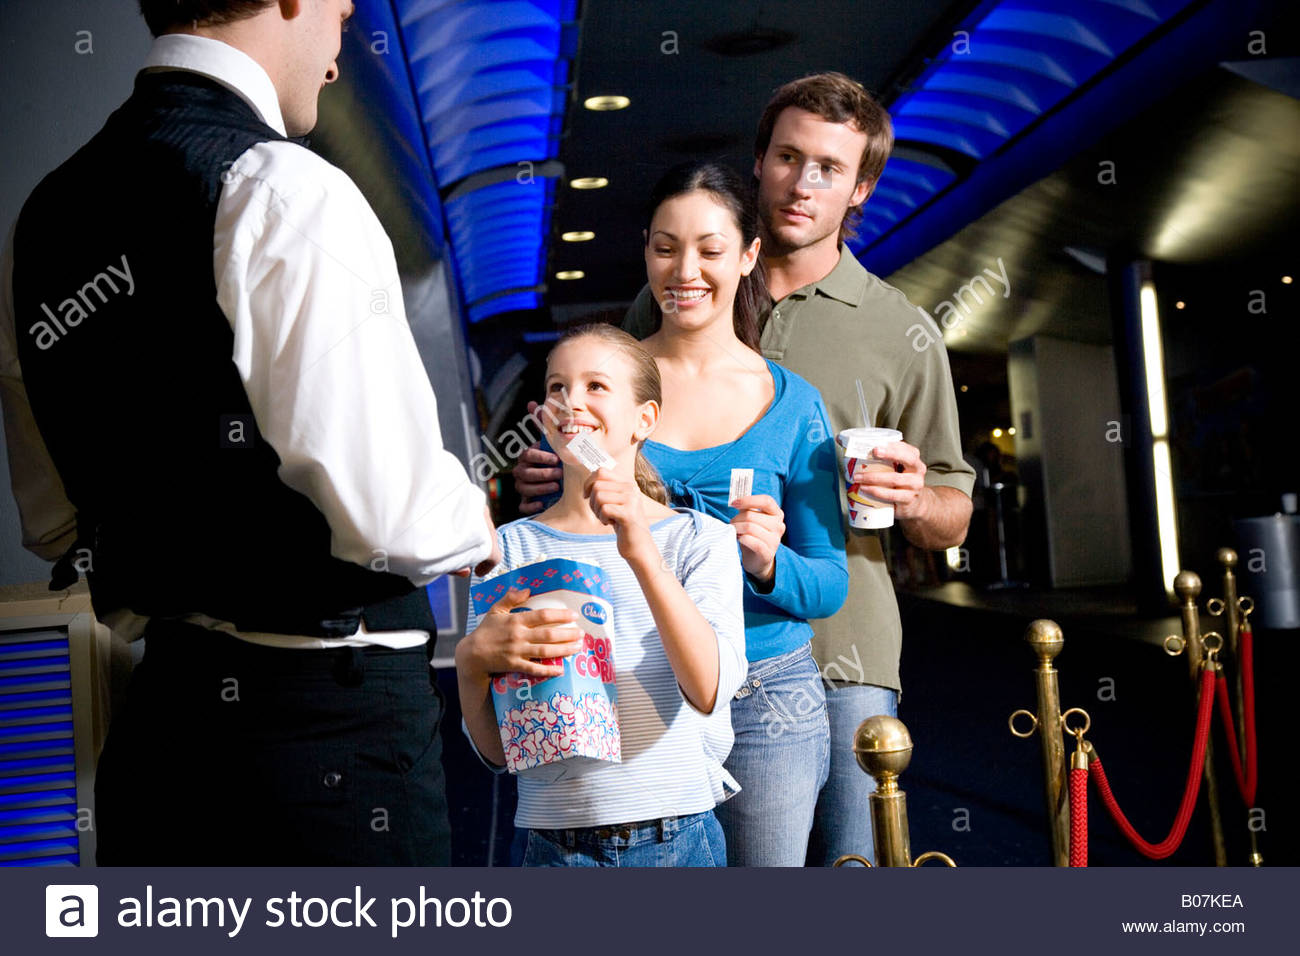 Au cinéma famille remise des billets pour l'huissier Photo Stock